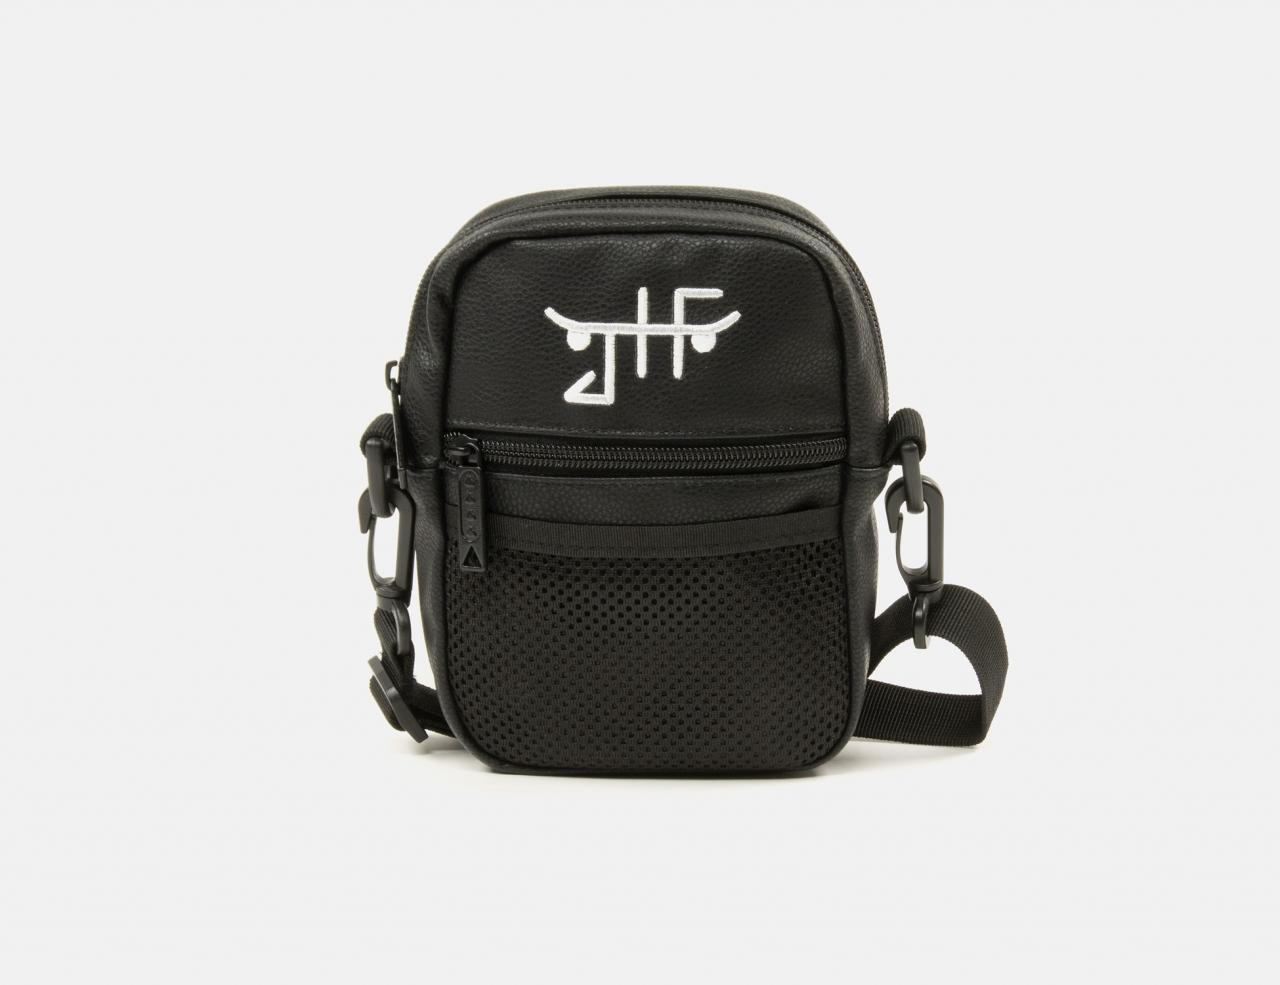 Bumbag X Just Have Fun Compact Bag-compact black